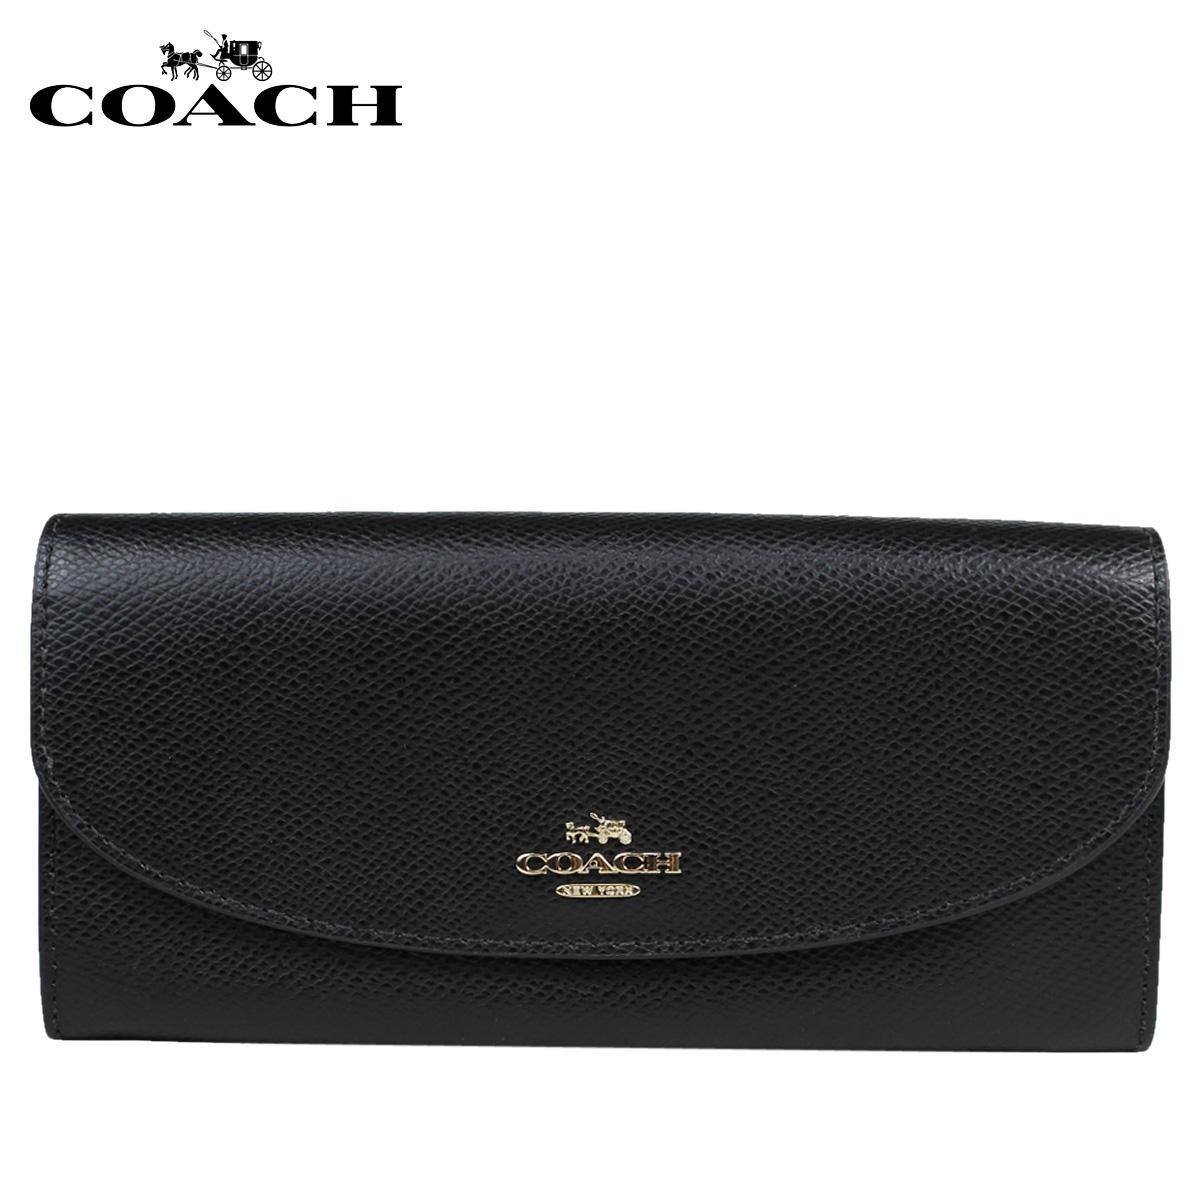 COACH コーチ 財布 長財布 F54009 ブラック レディース